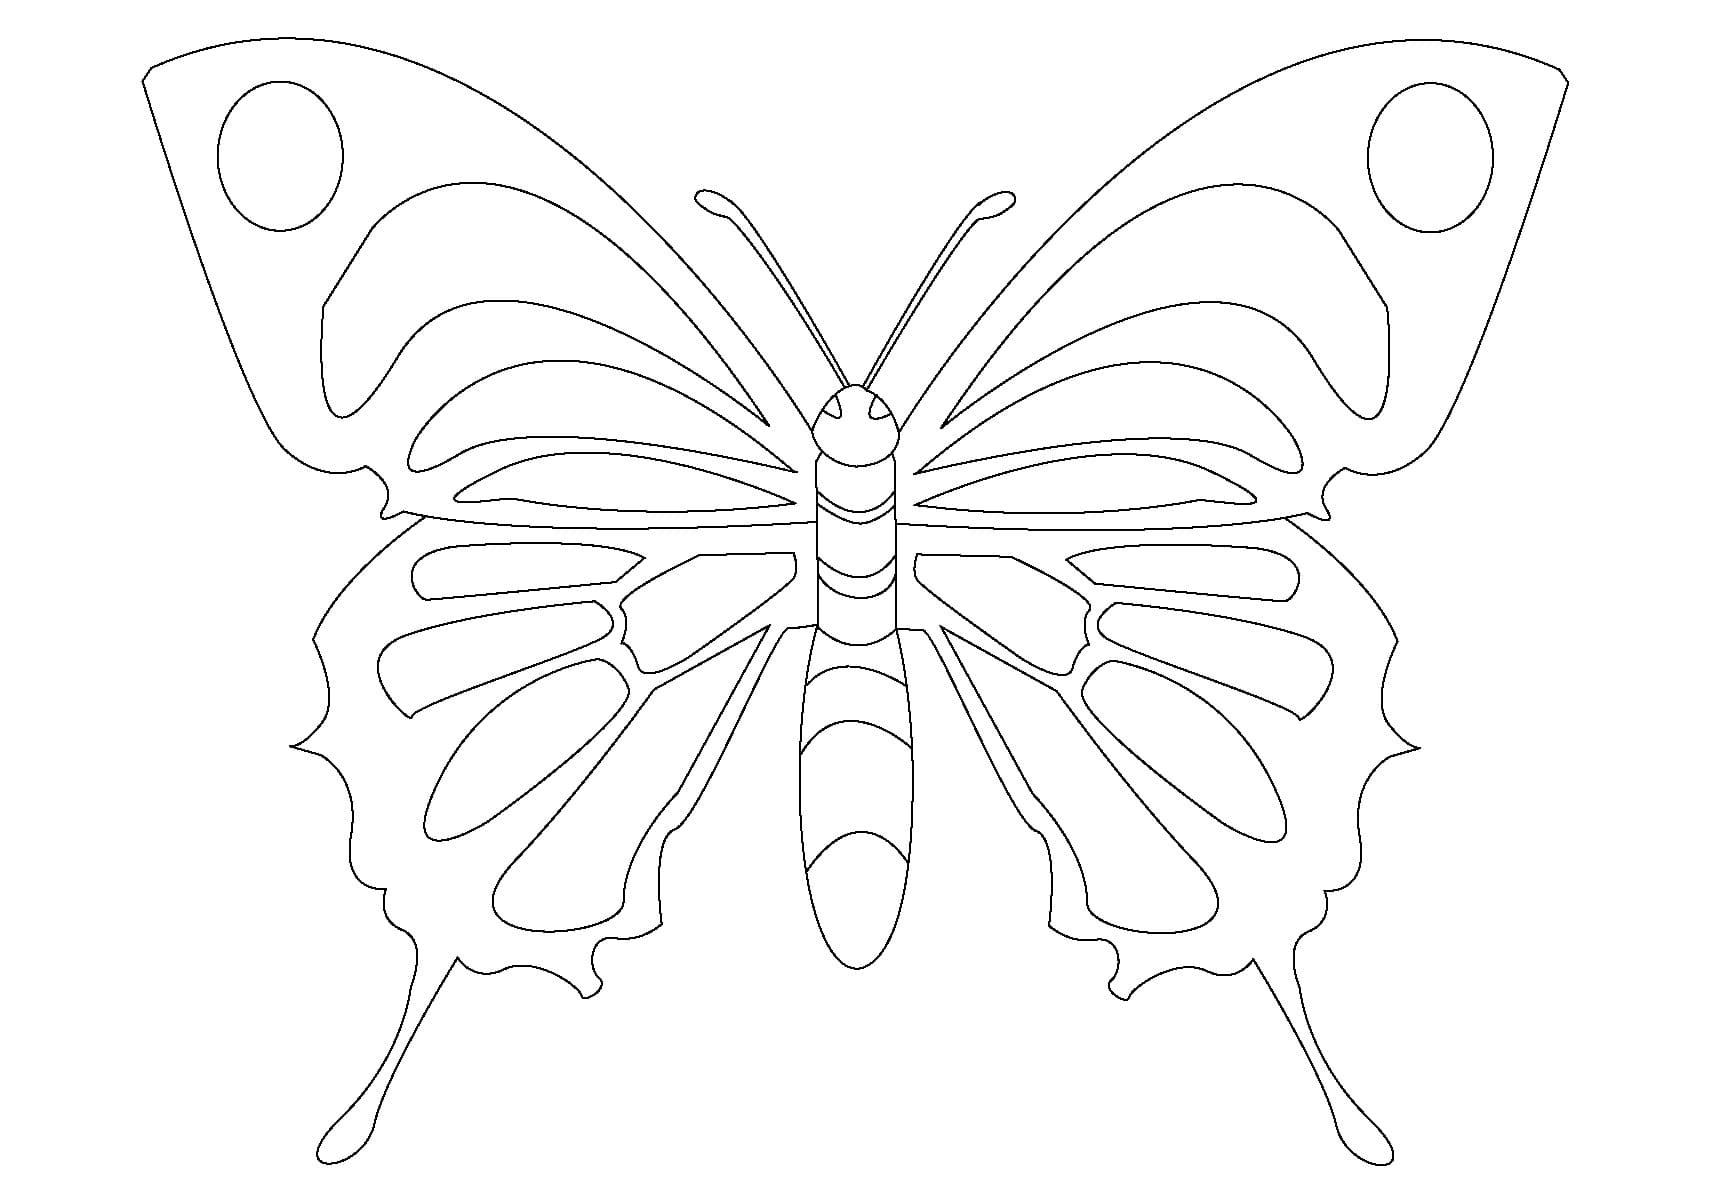 Schmetterlinge Zum Ausmalbilder Für Kinder, 100 Bilder für Malvorlagen Schmetterlinge